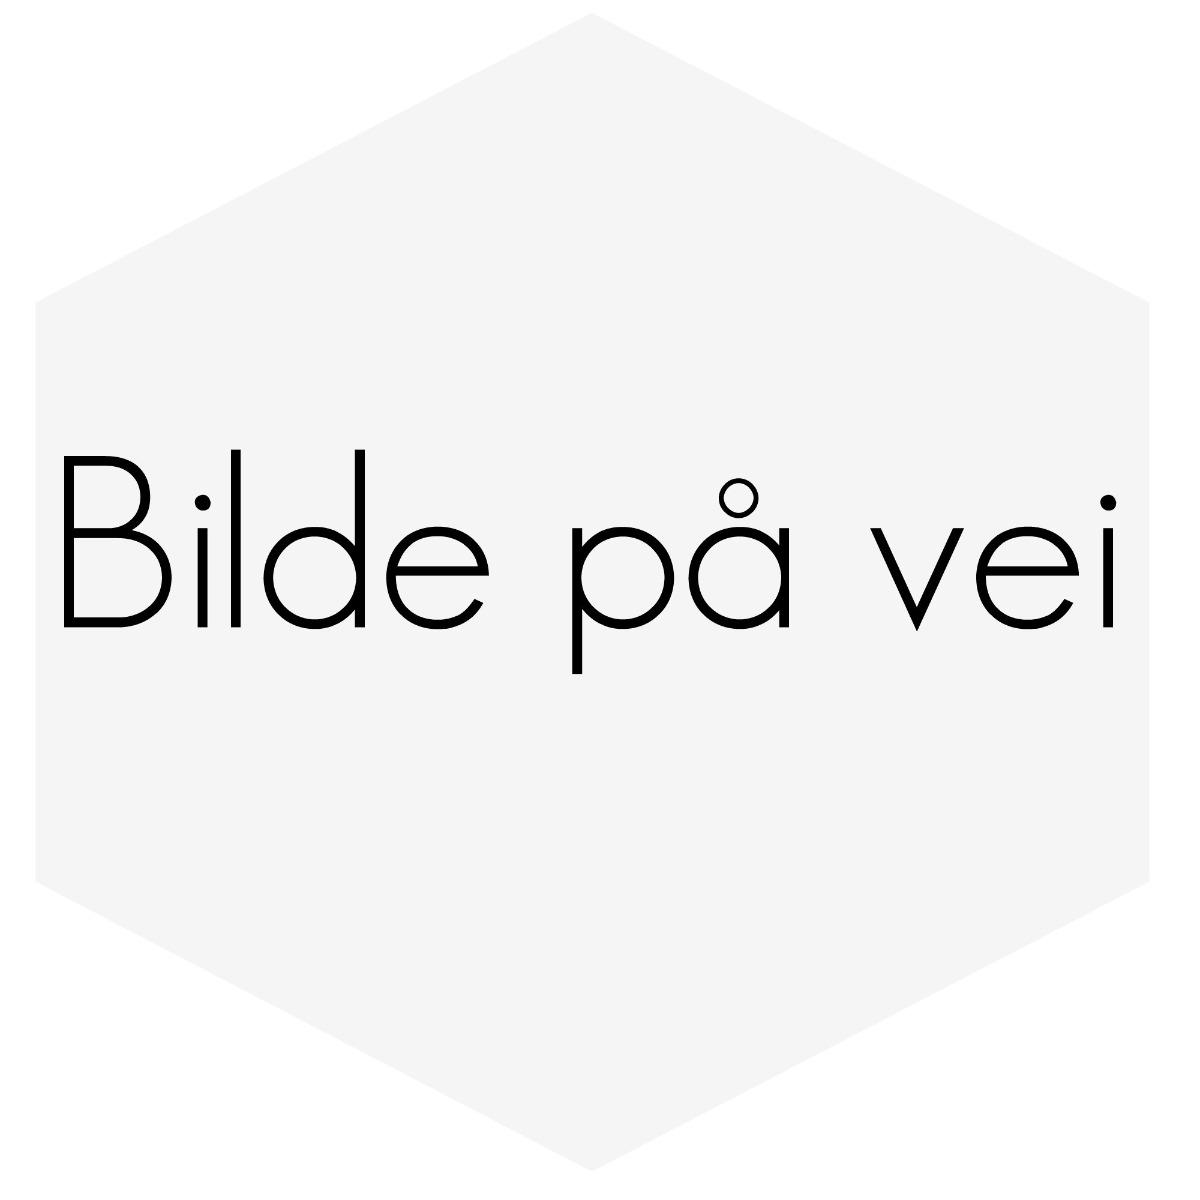 HÅNDBREKK WIRE FREMRE TIL VOLVO V70N,S80,S60+ SE INFO